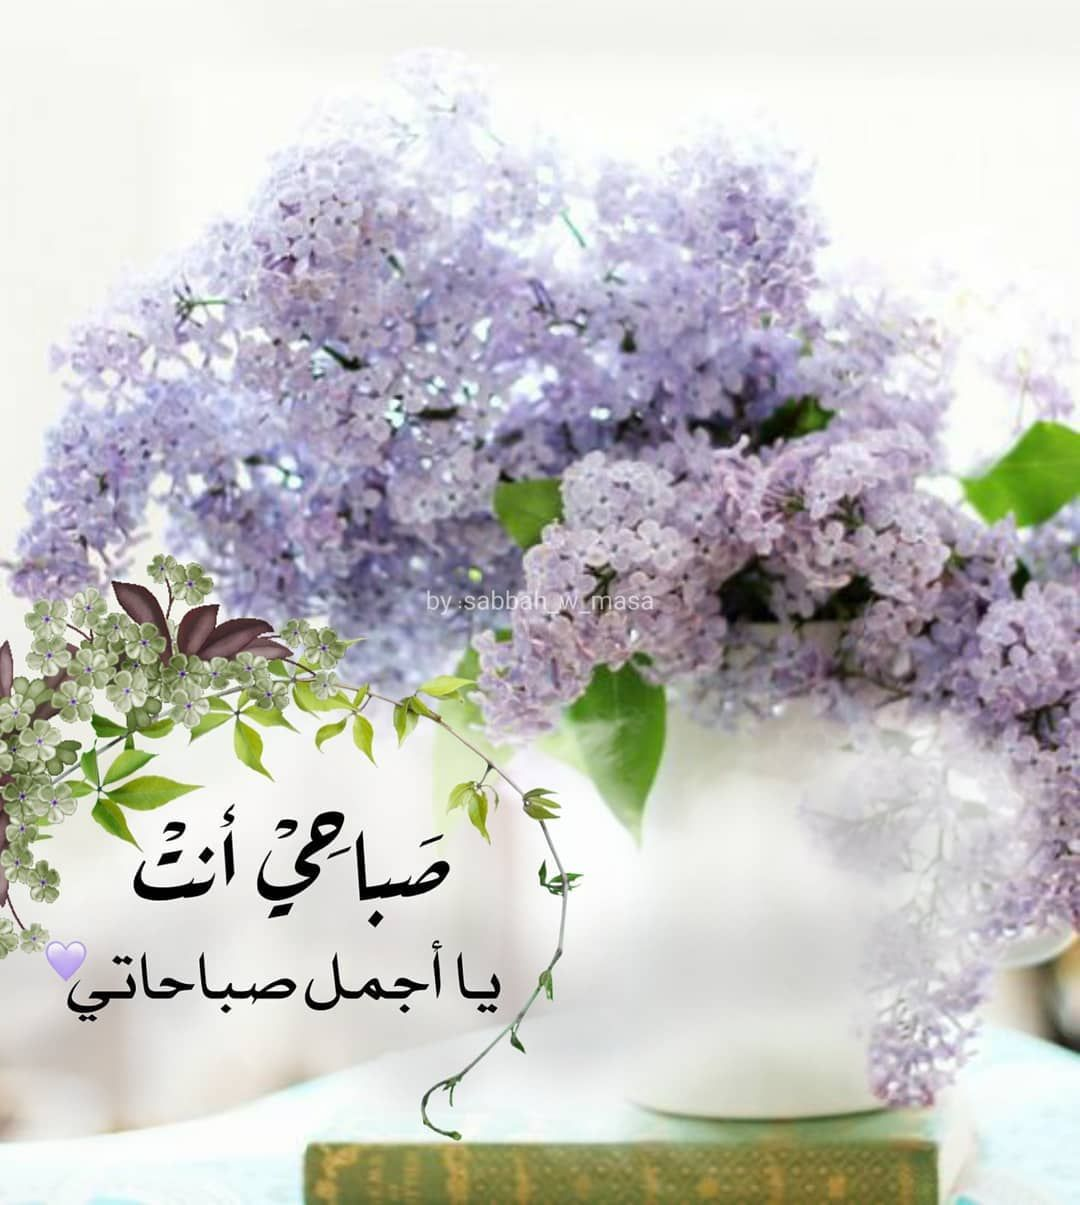 صبح و مساء On Instagram ص با حي أنت يا أجمل صباحاتي صباح الورد صباحيات Good Morning Arabic Love Flowers Quran Quotes Inspirational